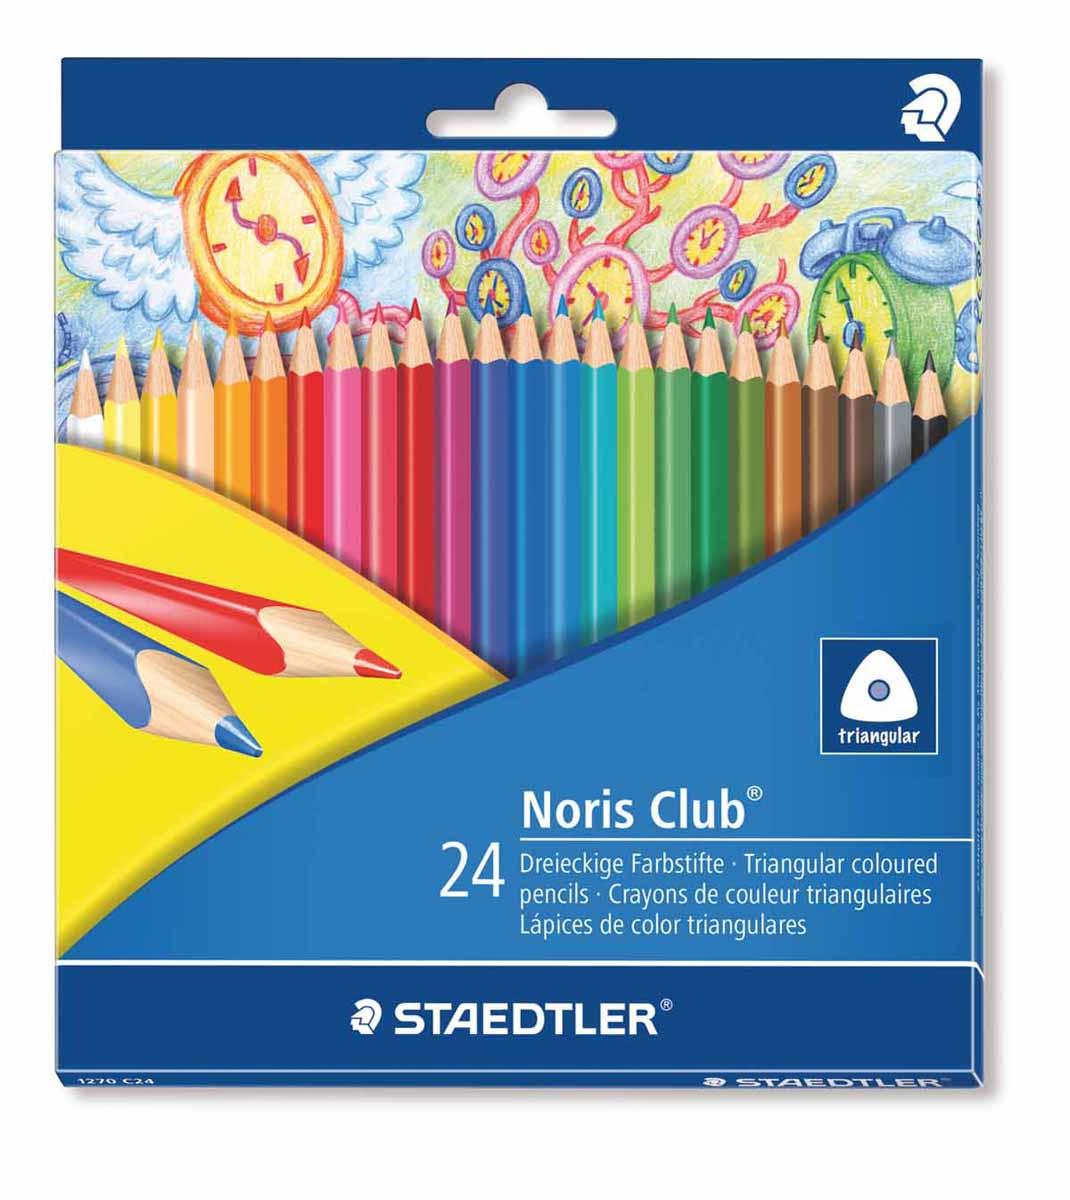 Staedtler Набор цветных карандашей Noris Club 24 цвета1270C24Цветные карандаши Staedtler Noris Club помогут маленькому художнику создавать настоящие произведения искусства. Набор состоит из 24 самых разных насыщенных цветов. Изделия имеют прочный грифель и удобную шестигранную форму, которая позволяет легко их затачивать. Такие карандаши будет незаменимы в процессе обучения и для детского творчества. Набор упакован в яркую коробочку с оригинальным дизайном.